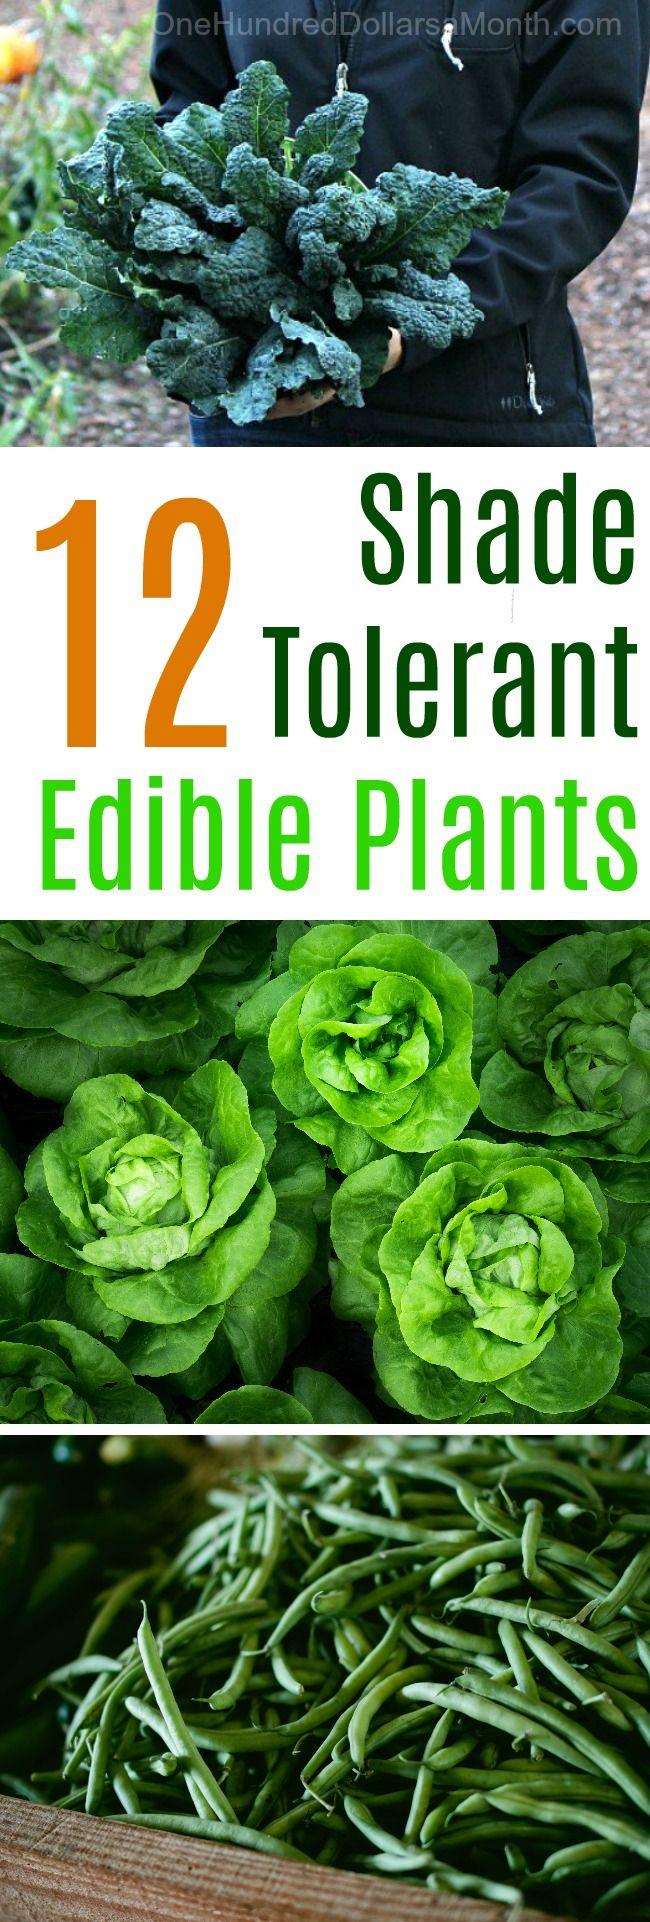 Shade Tolerant Edible Plants, Shade Garden Ideas, Gardening in the Shade, Edible Plants, Edible Shade Plants, Gardening Tips, Gardening